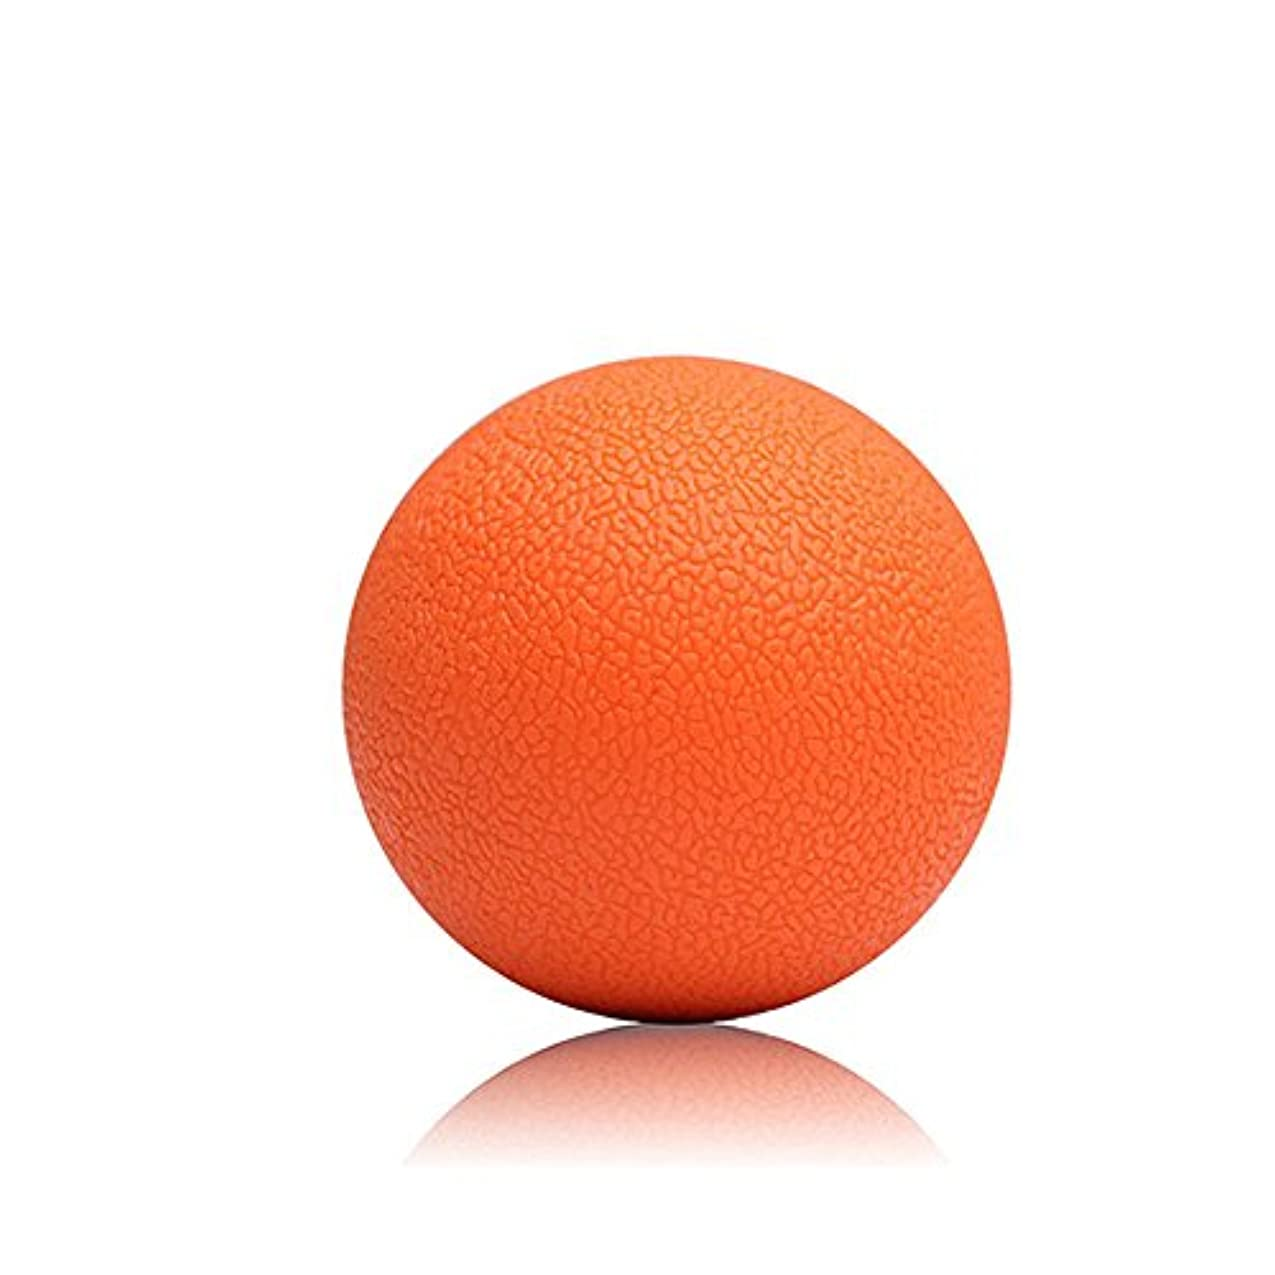 海洋整理する交じるマッサージボール 筋膜リリース 指圧ボール 足裏 ふくらはぎ ツボ押しグッズ 健康グッズ